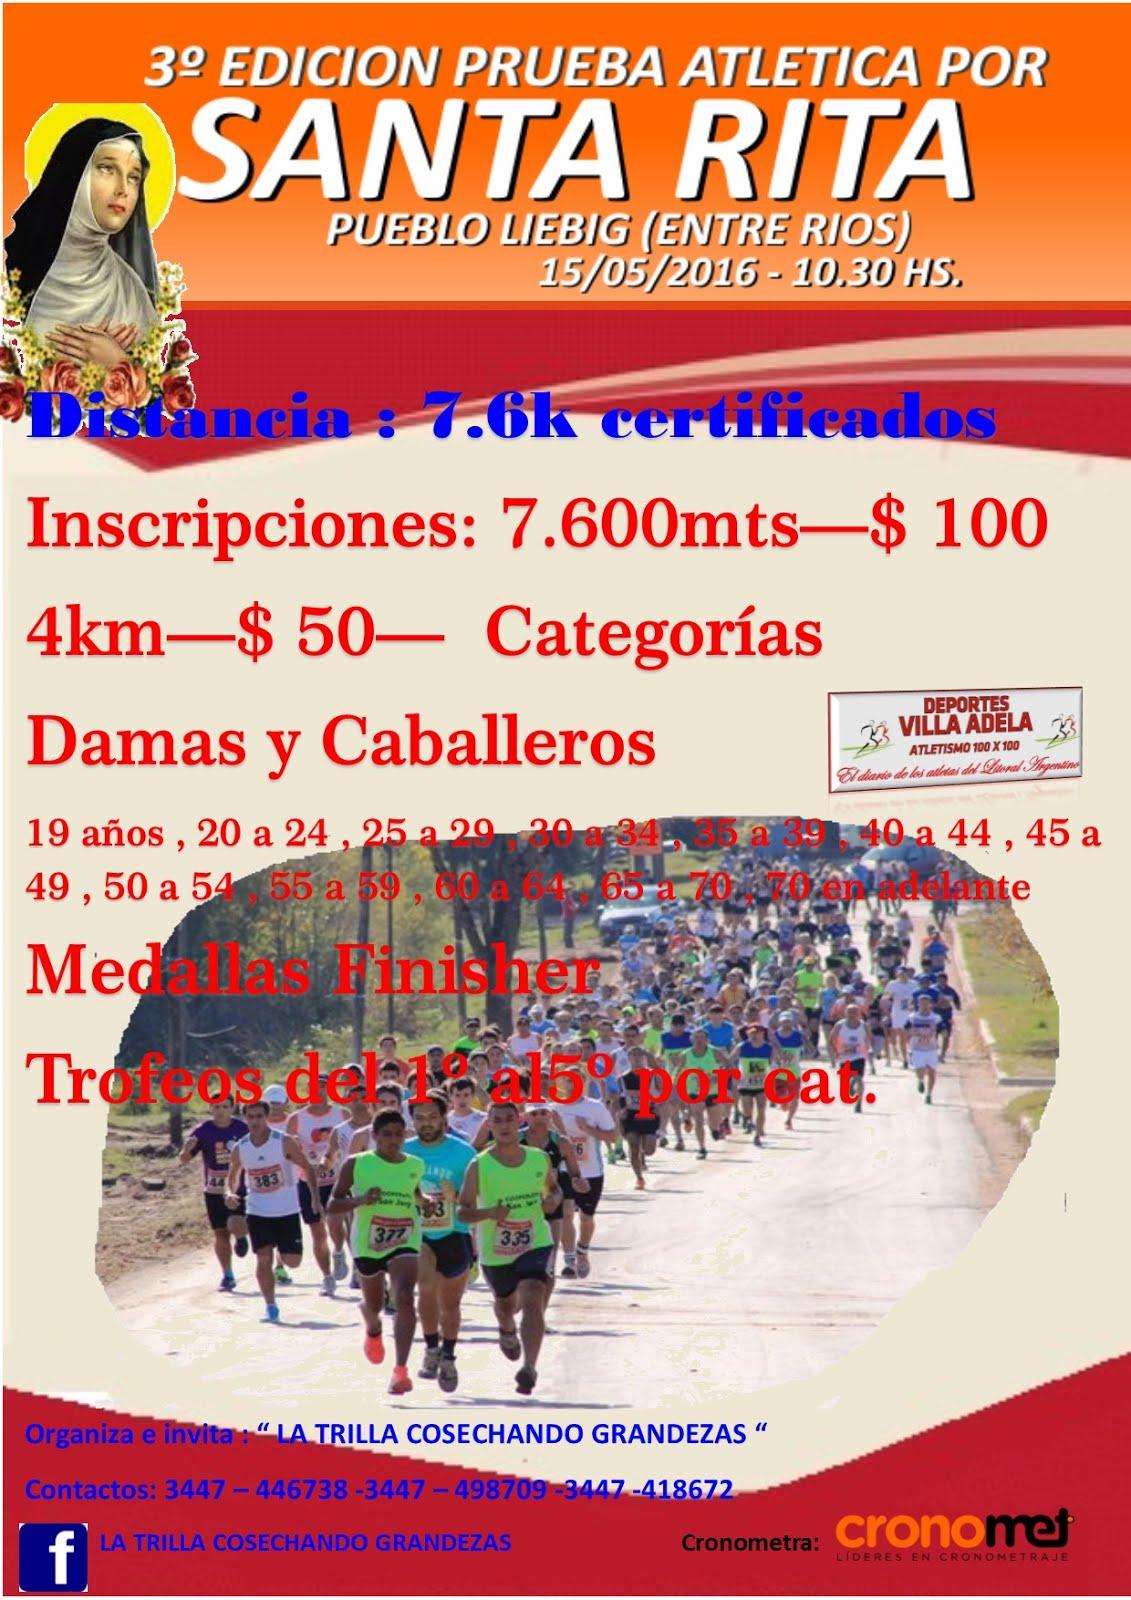 3º Edición Prueba Atlética por Santa Rita